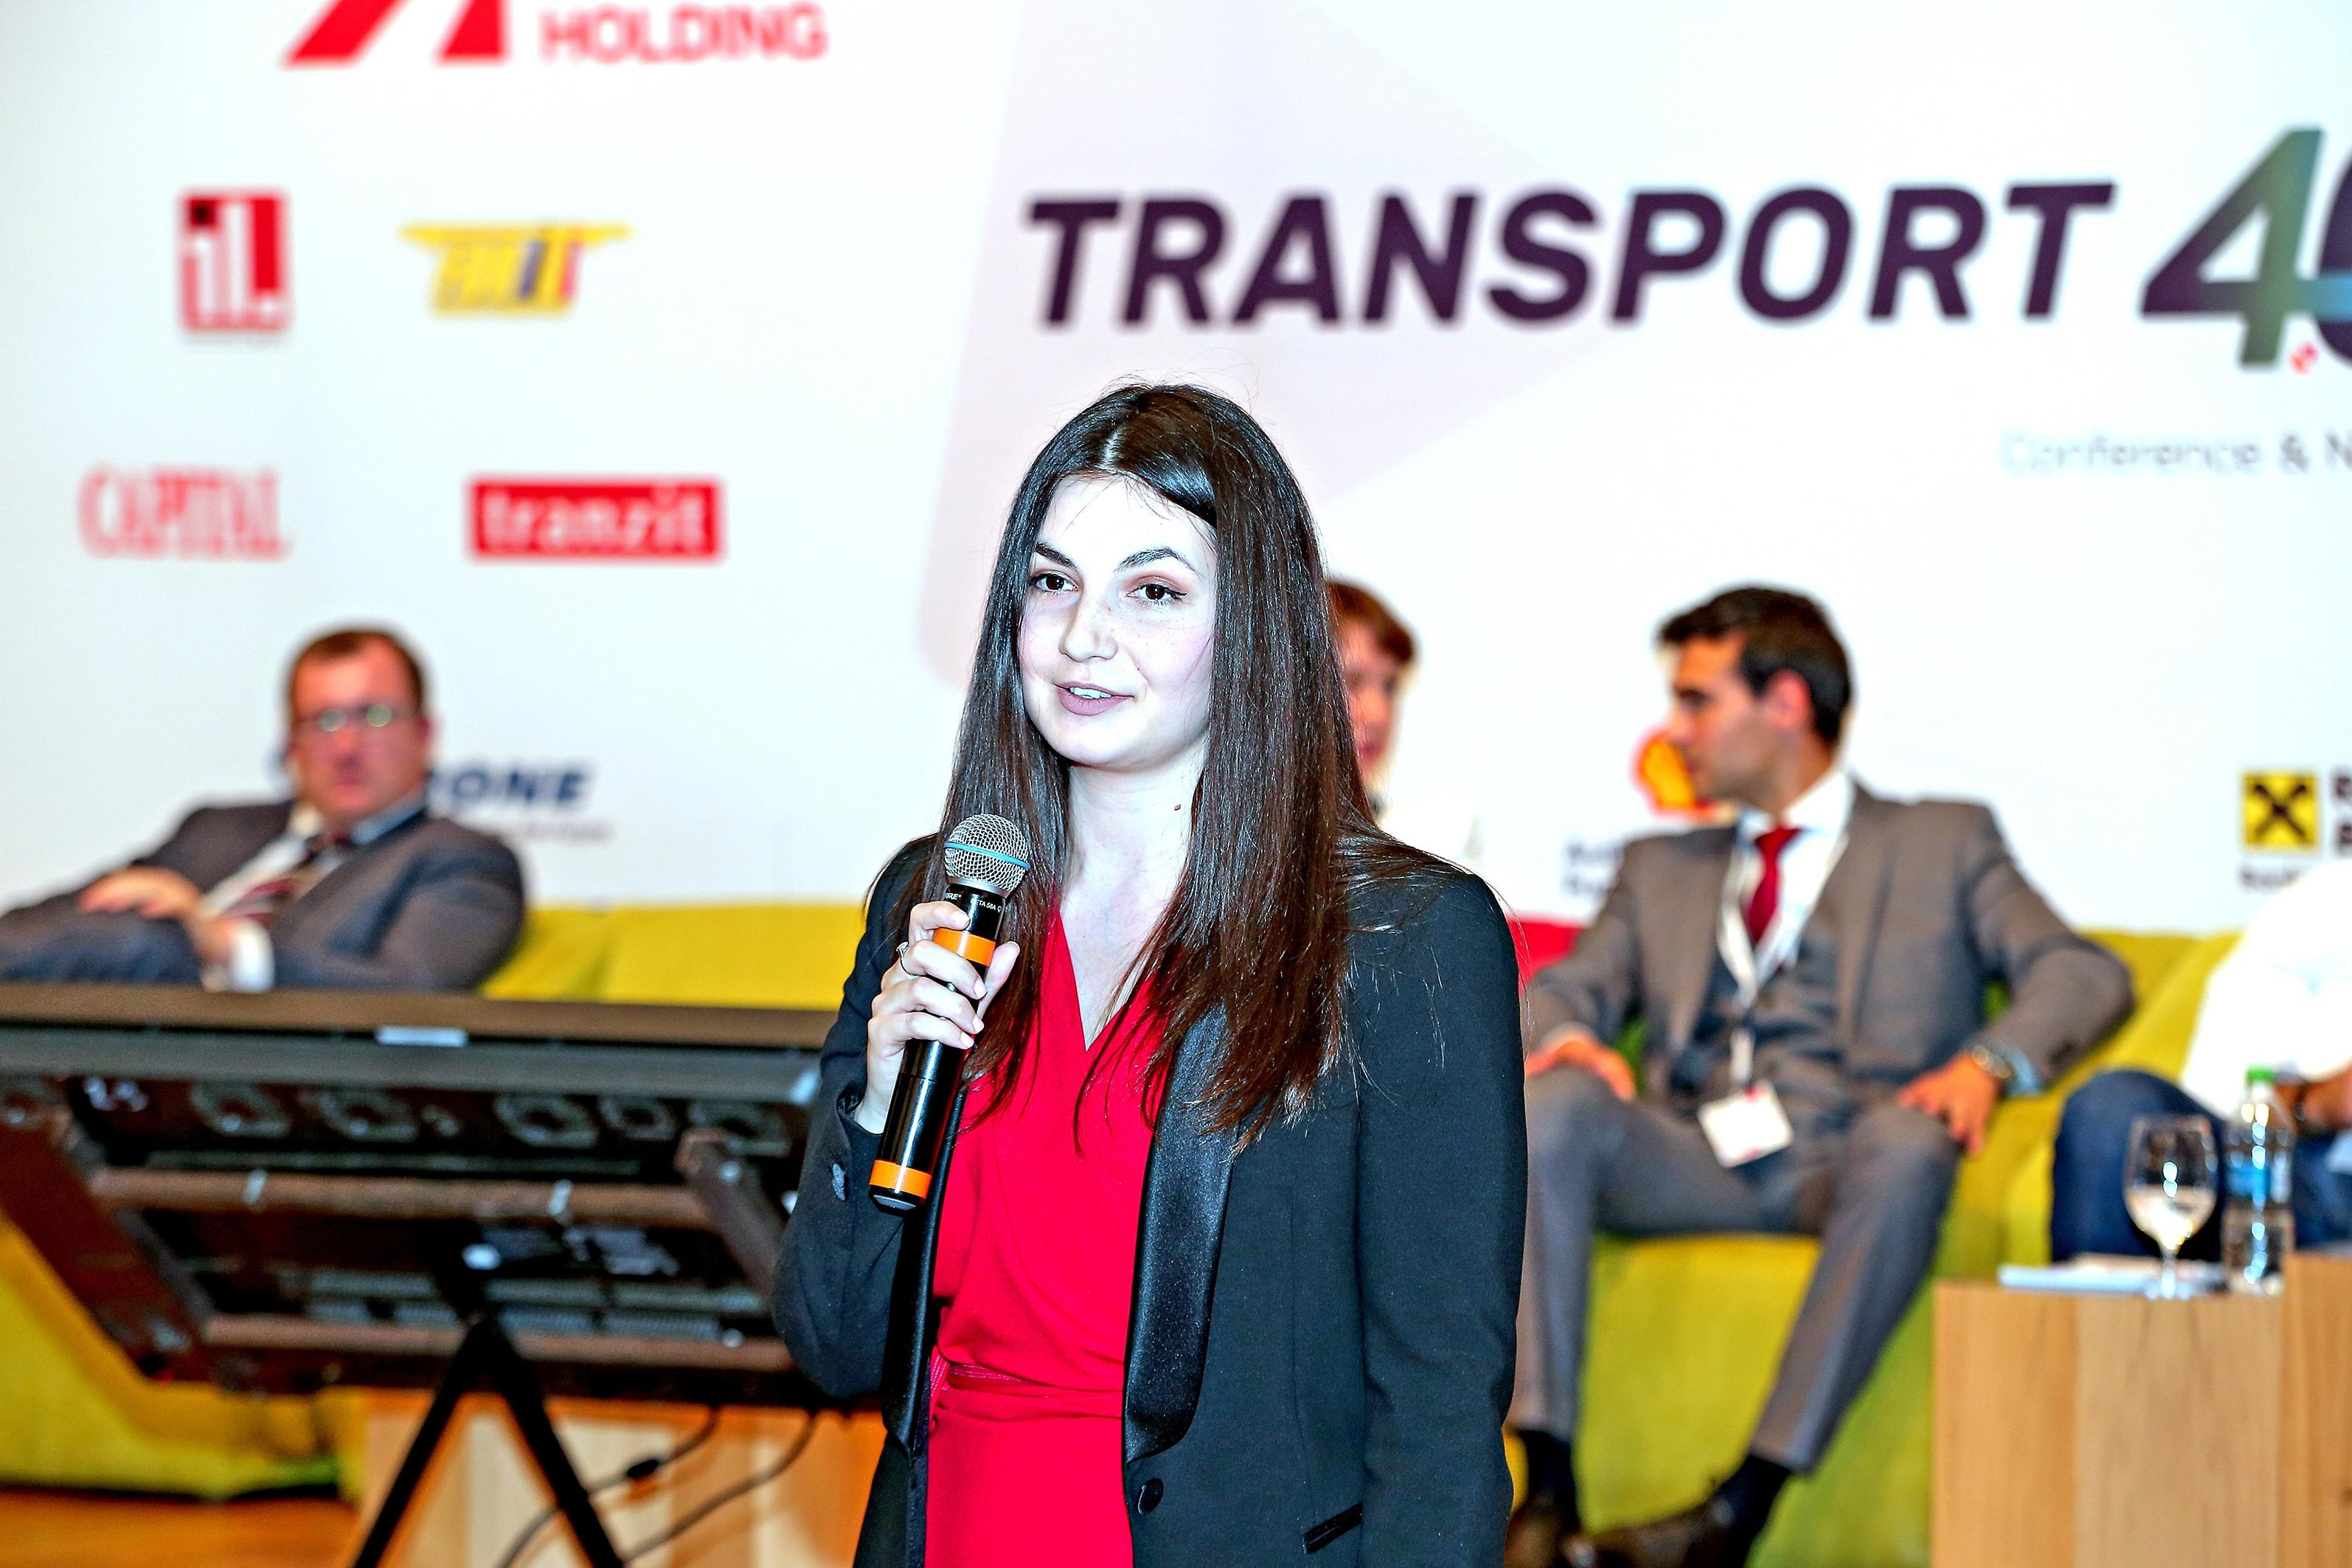 Ce impact vor avea reglementările GDPR pentru transportatori?